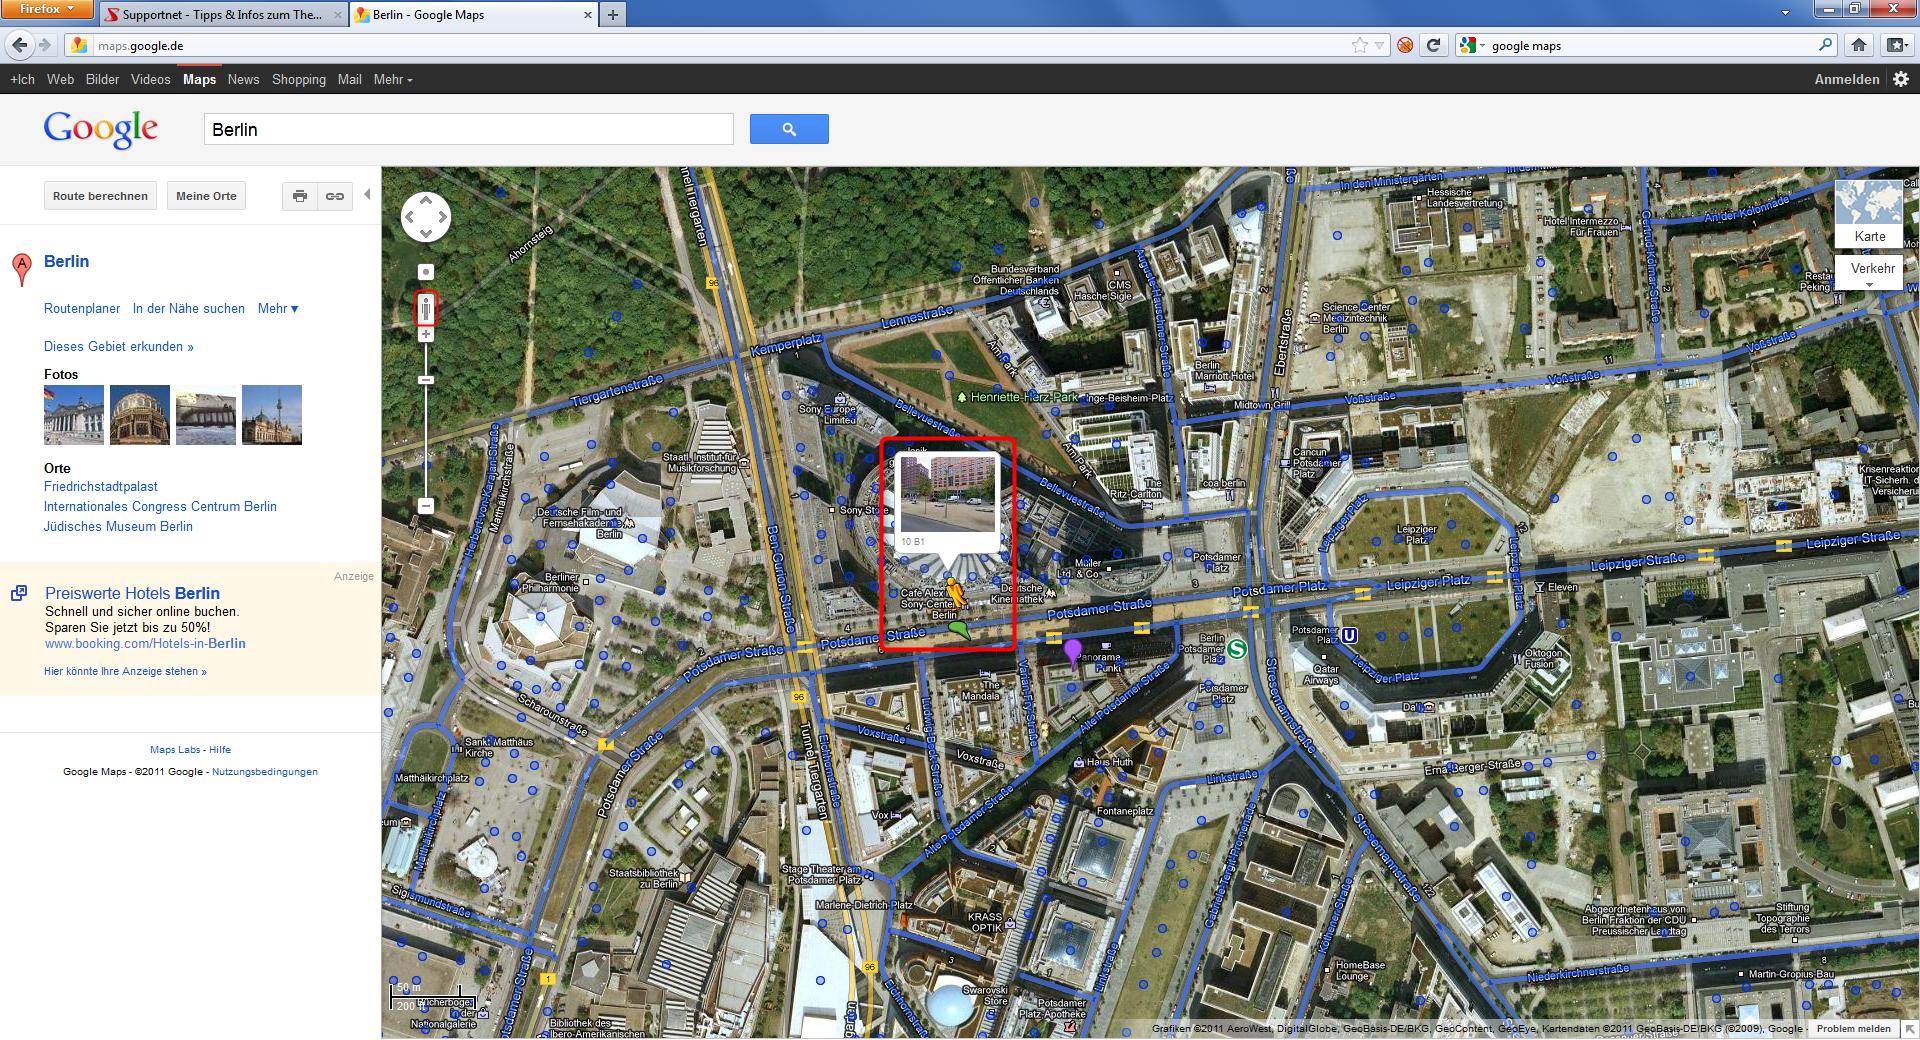 06-google-maps-die-welt-von-oben-streetview-470.png?nocache=1325766394931